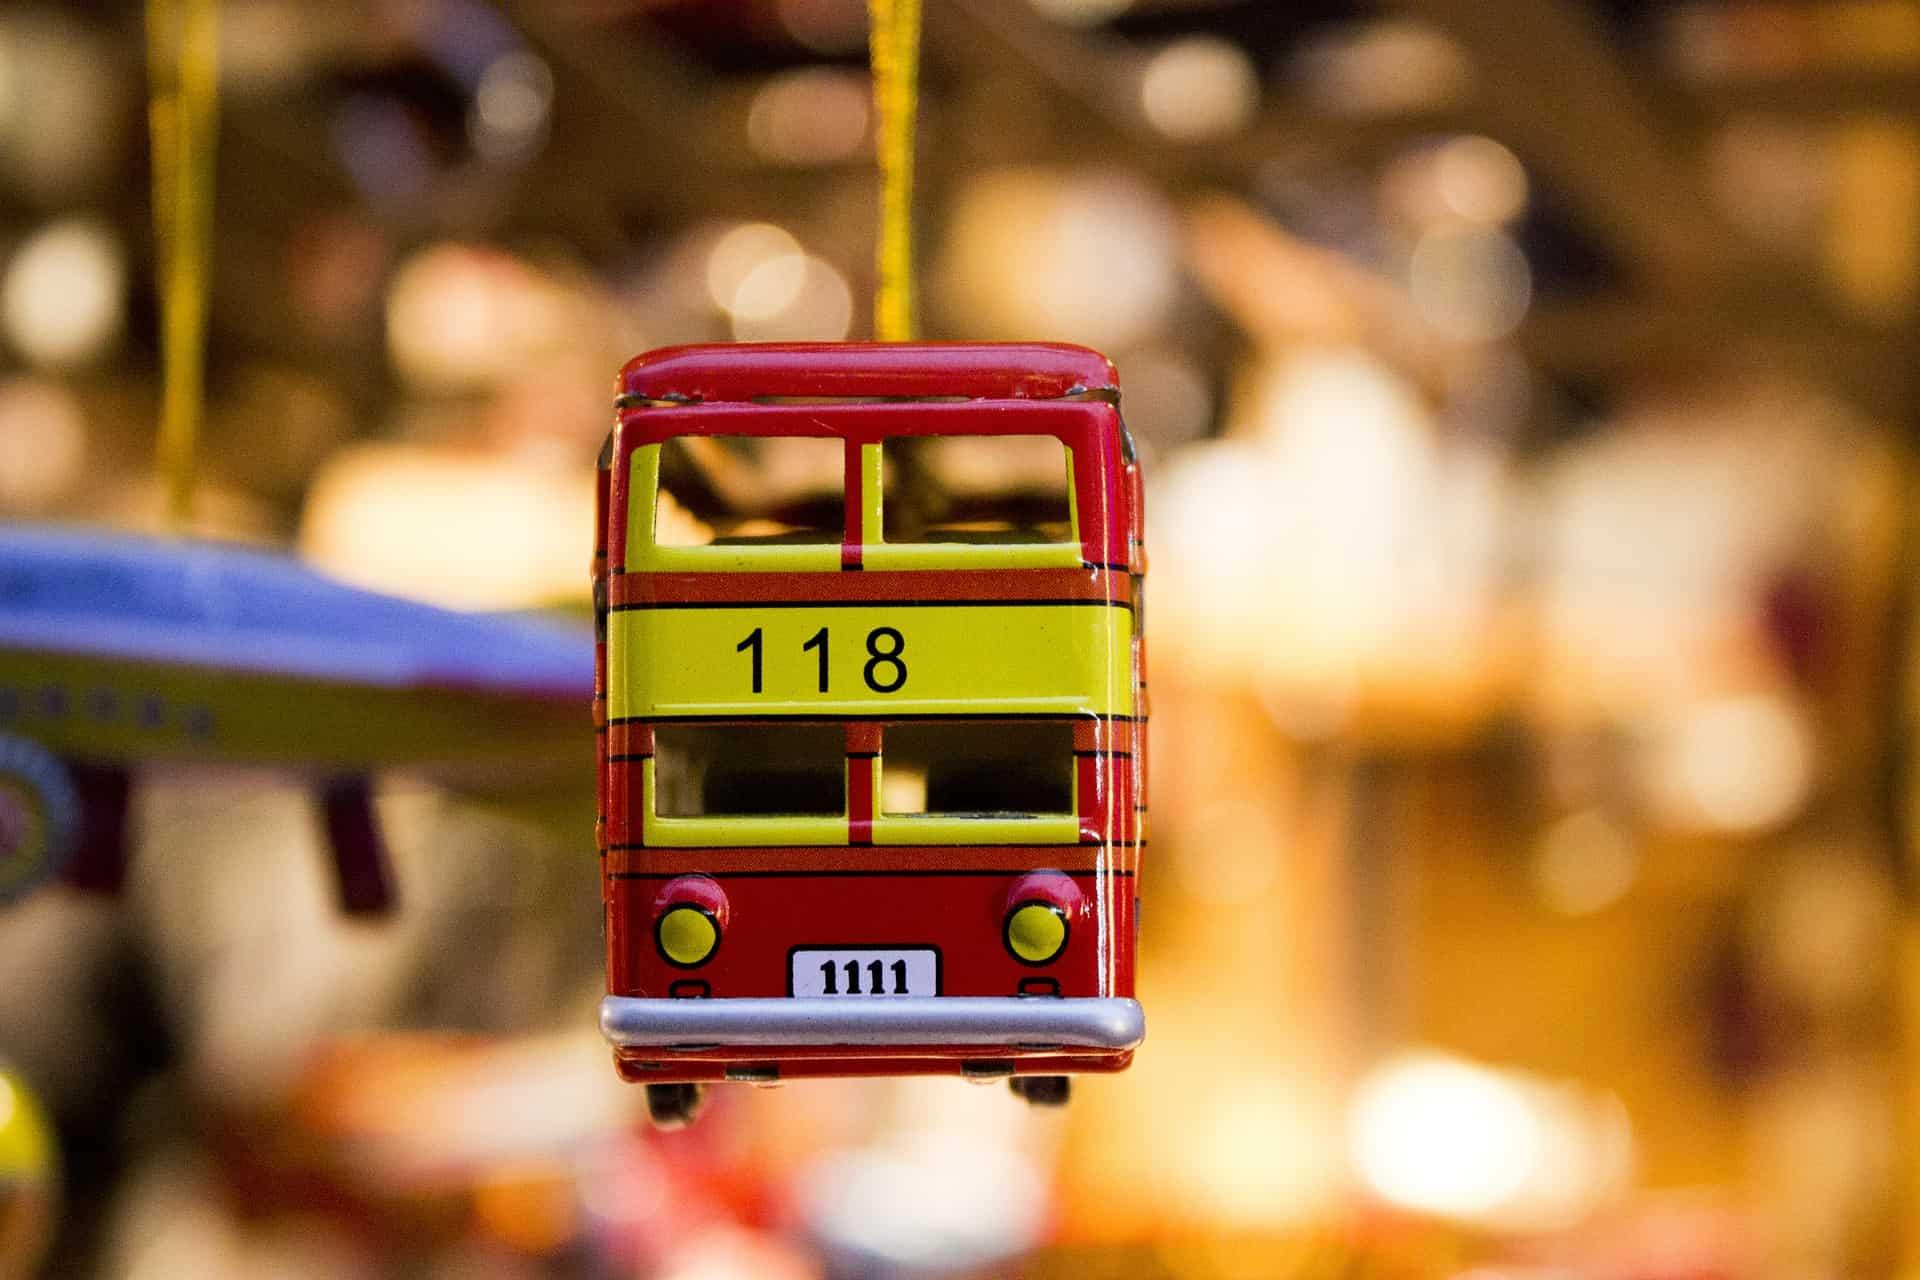 Änderung der DING-Busfahrpläne